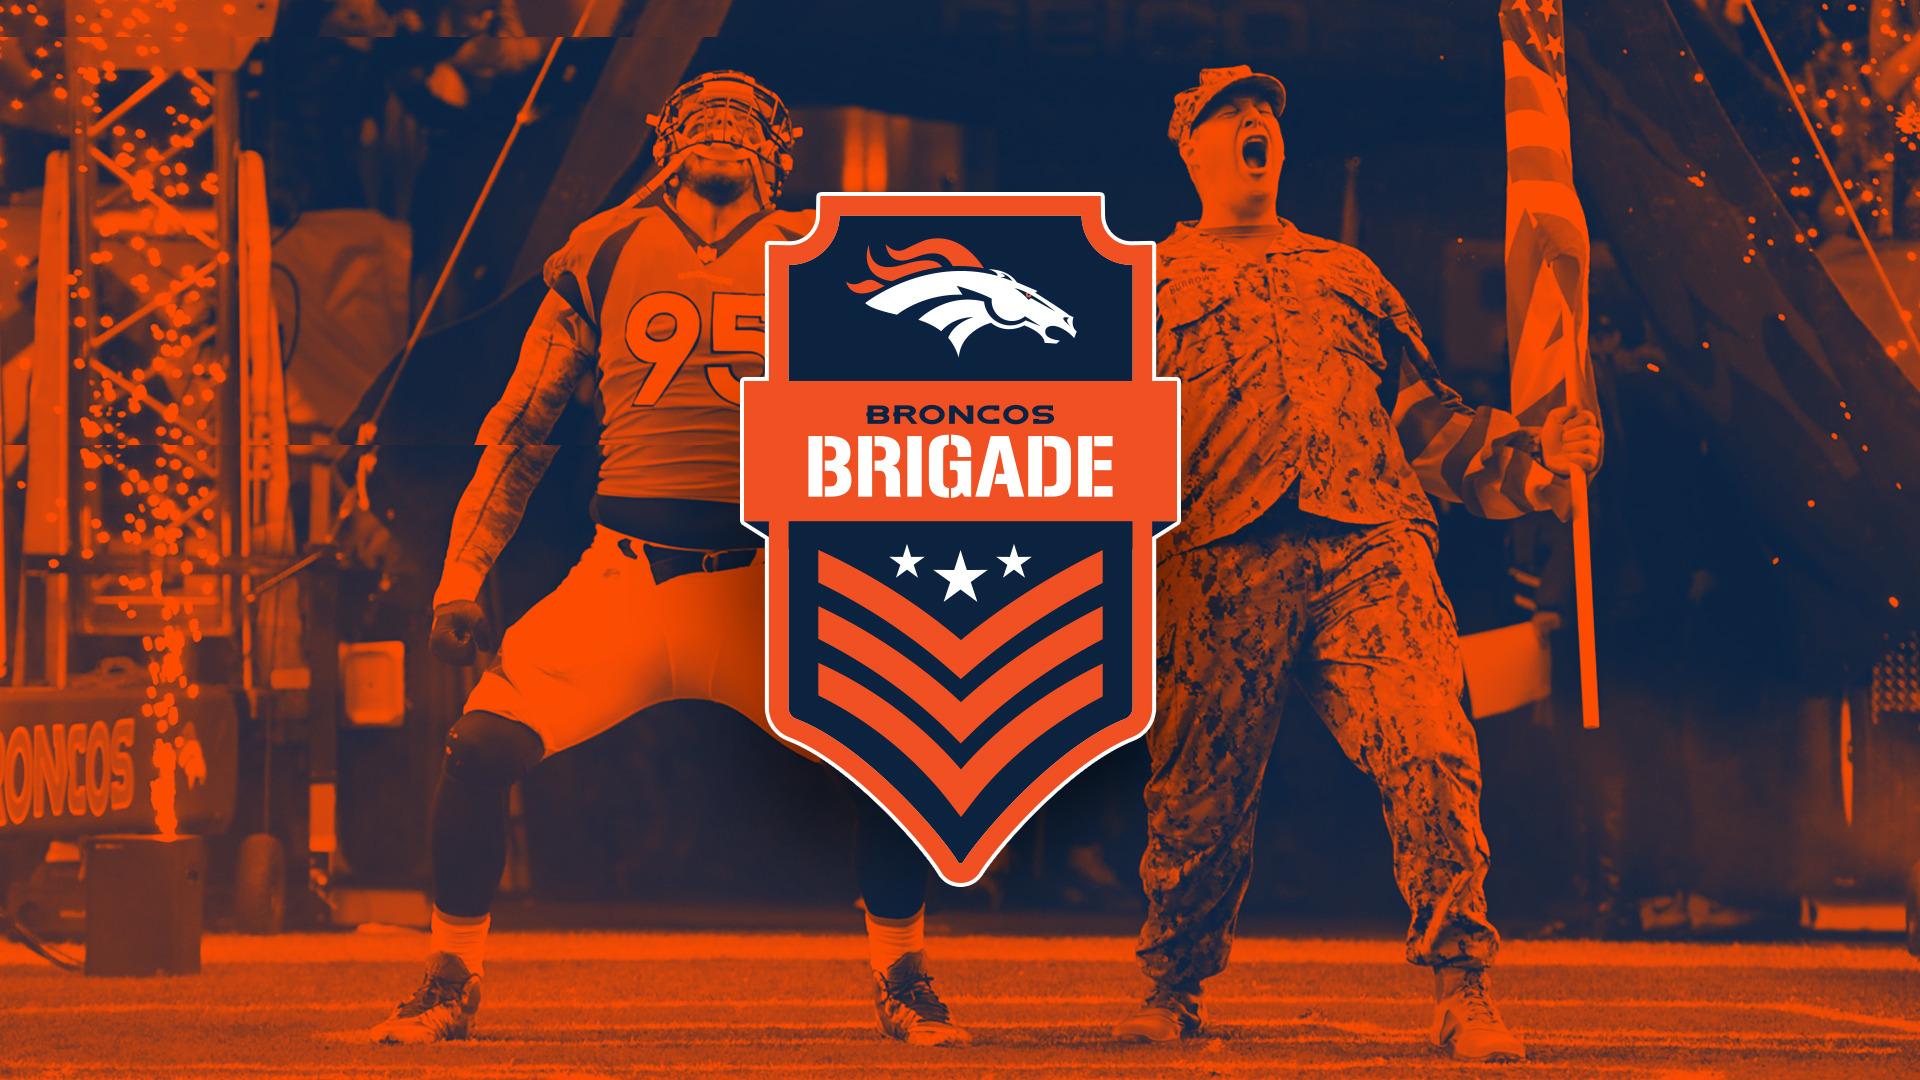 Broncos Brigade